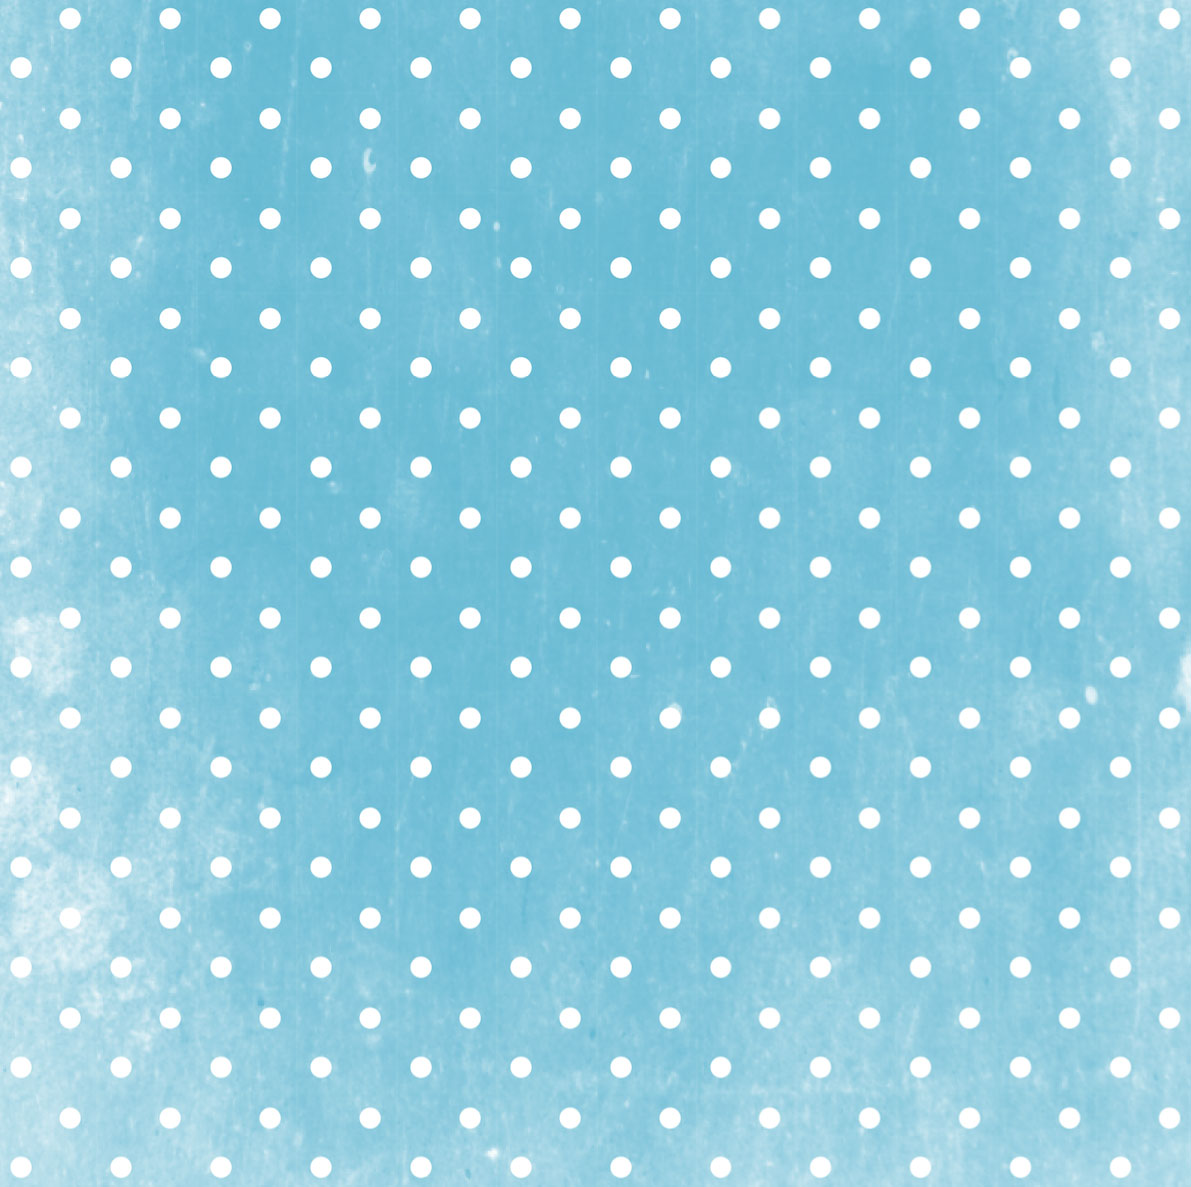 Scrapbook paper designs - Ree Digital Blue Polka Dot Scrapbooking Paper In Vintage Style